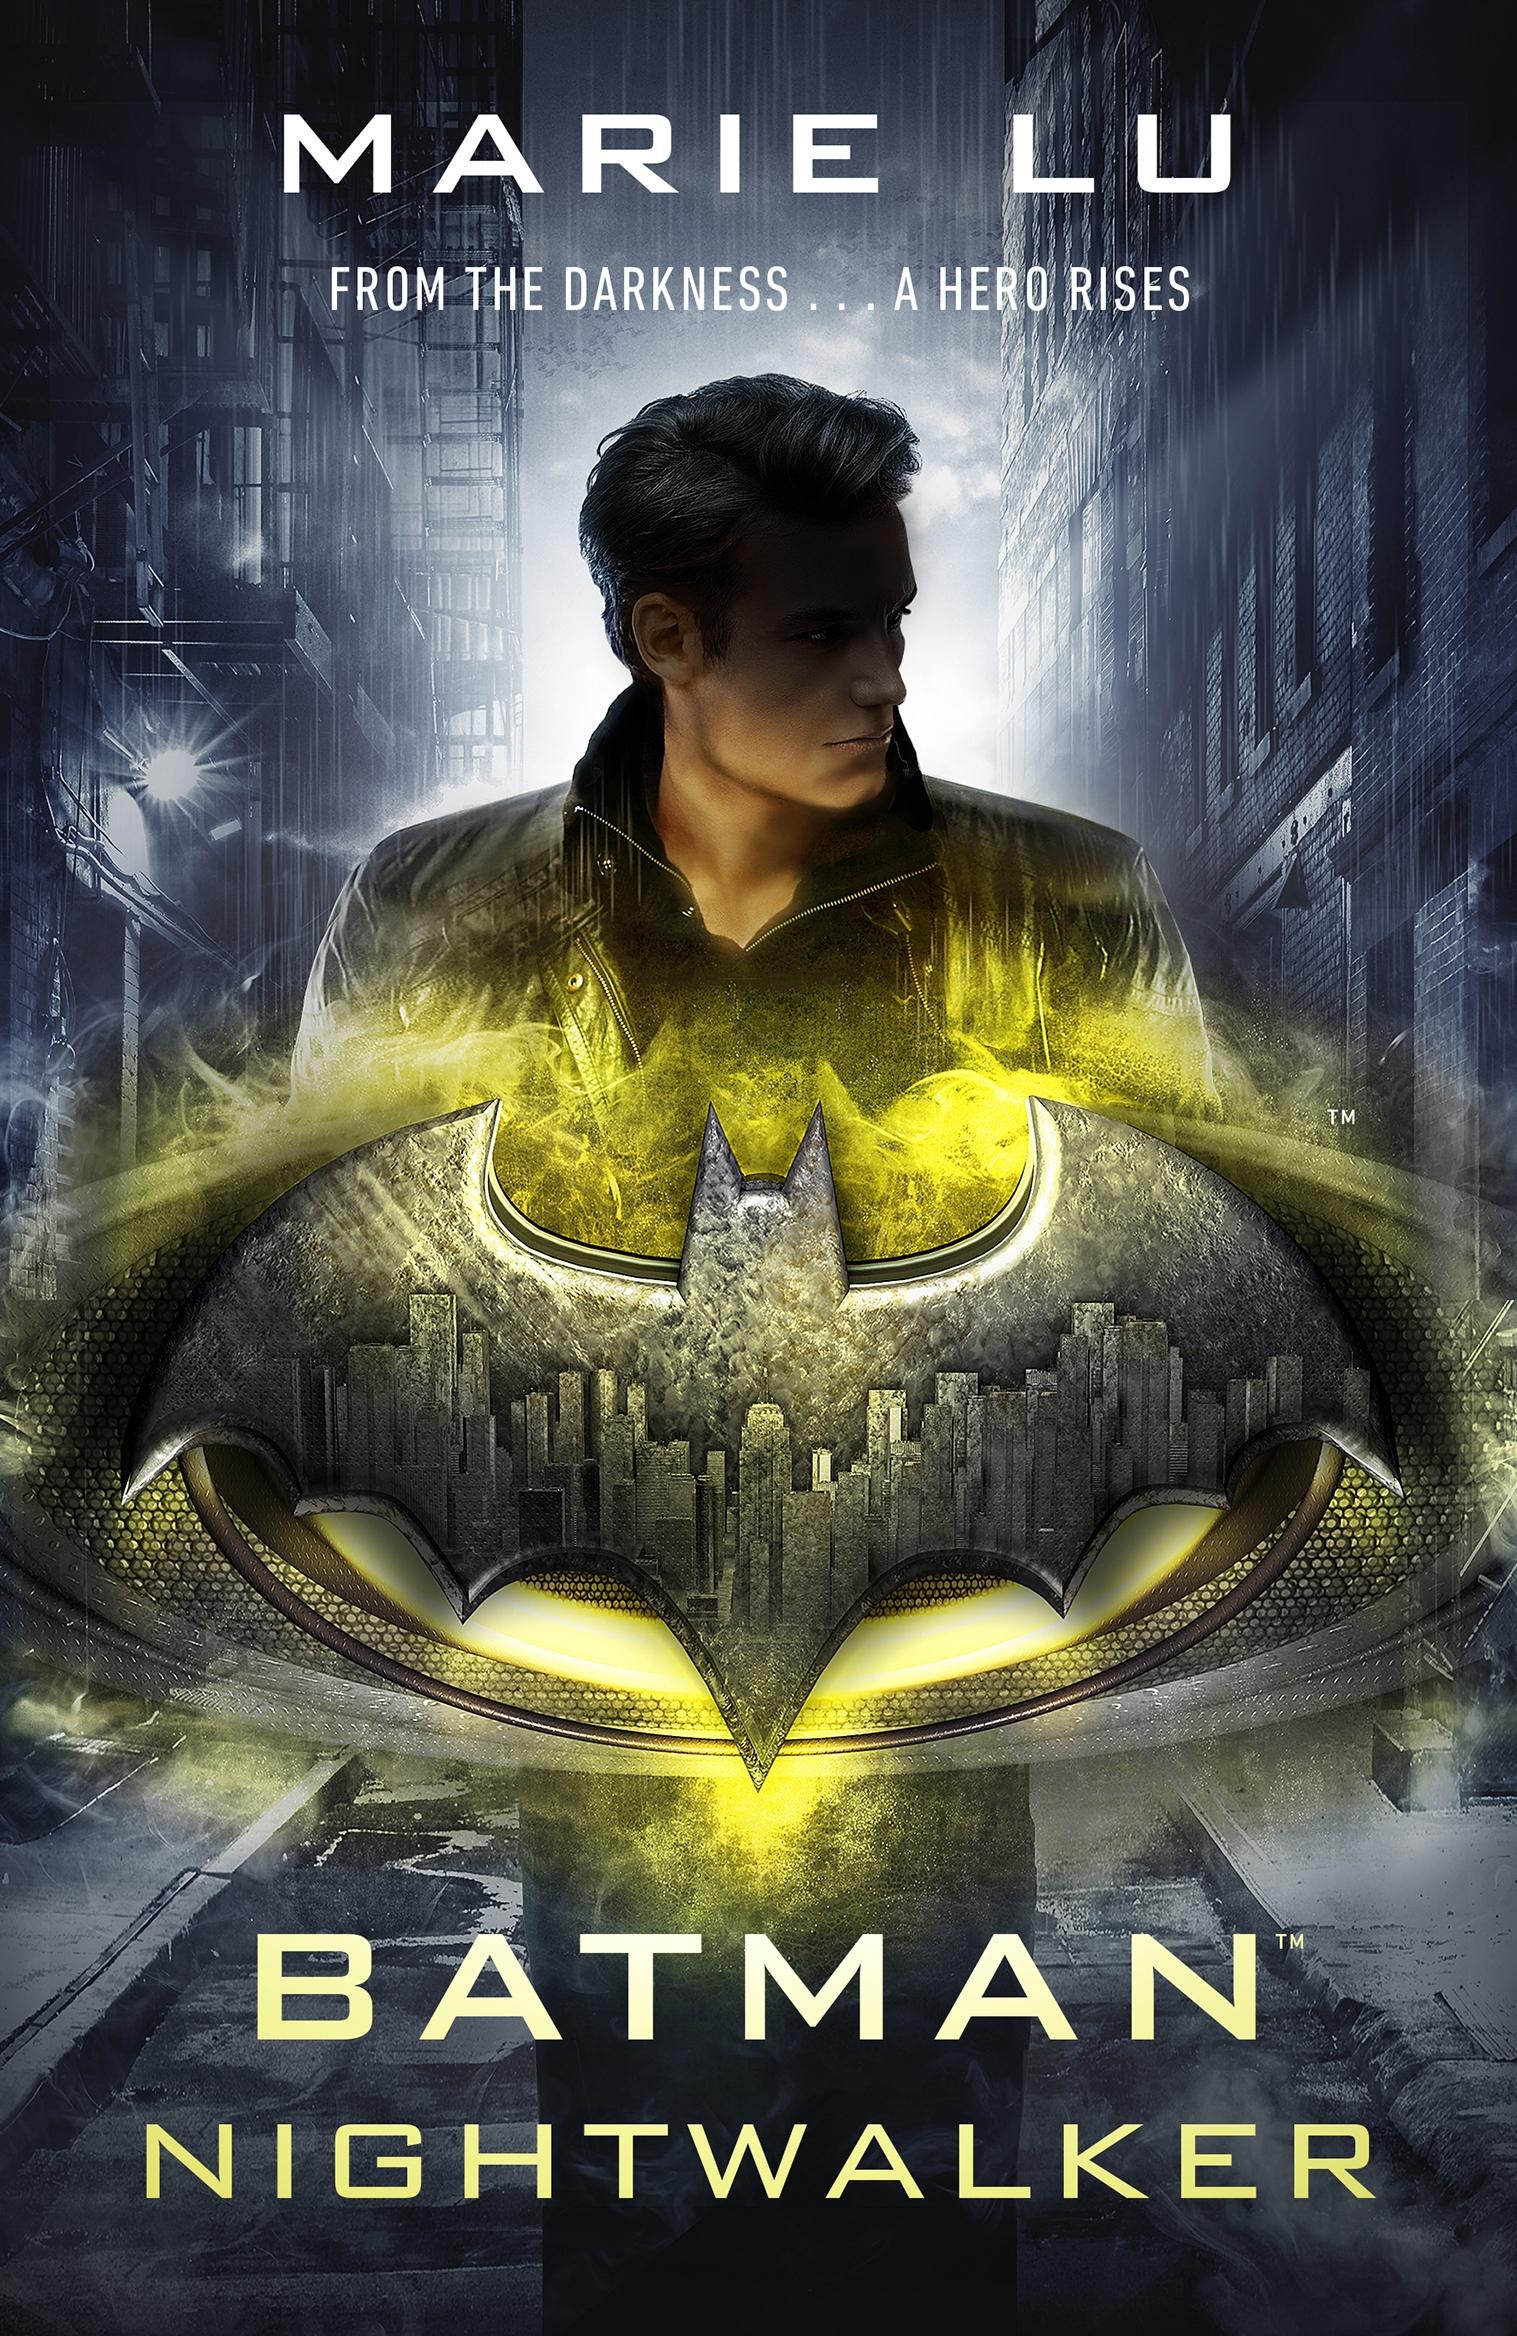 Batman: Nightwalker by Marie Lu. 9780141386836.